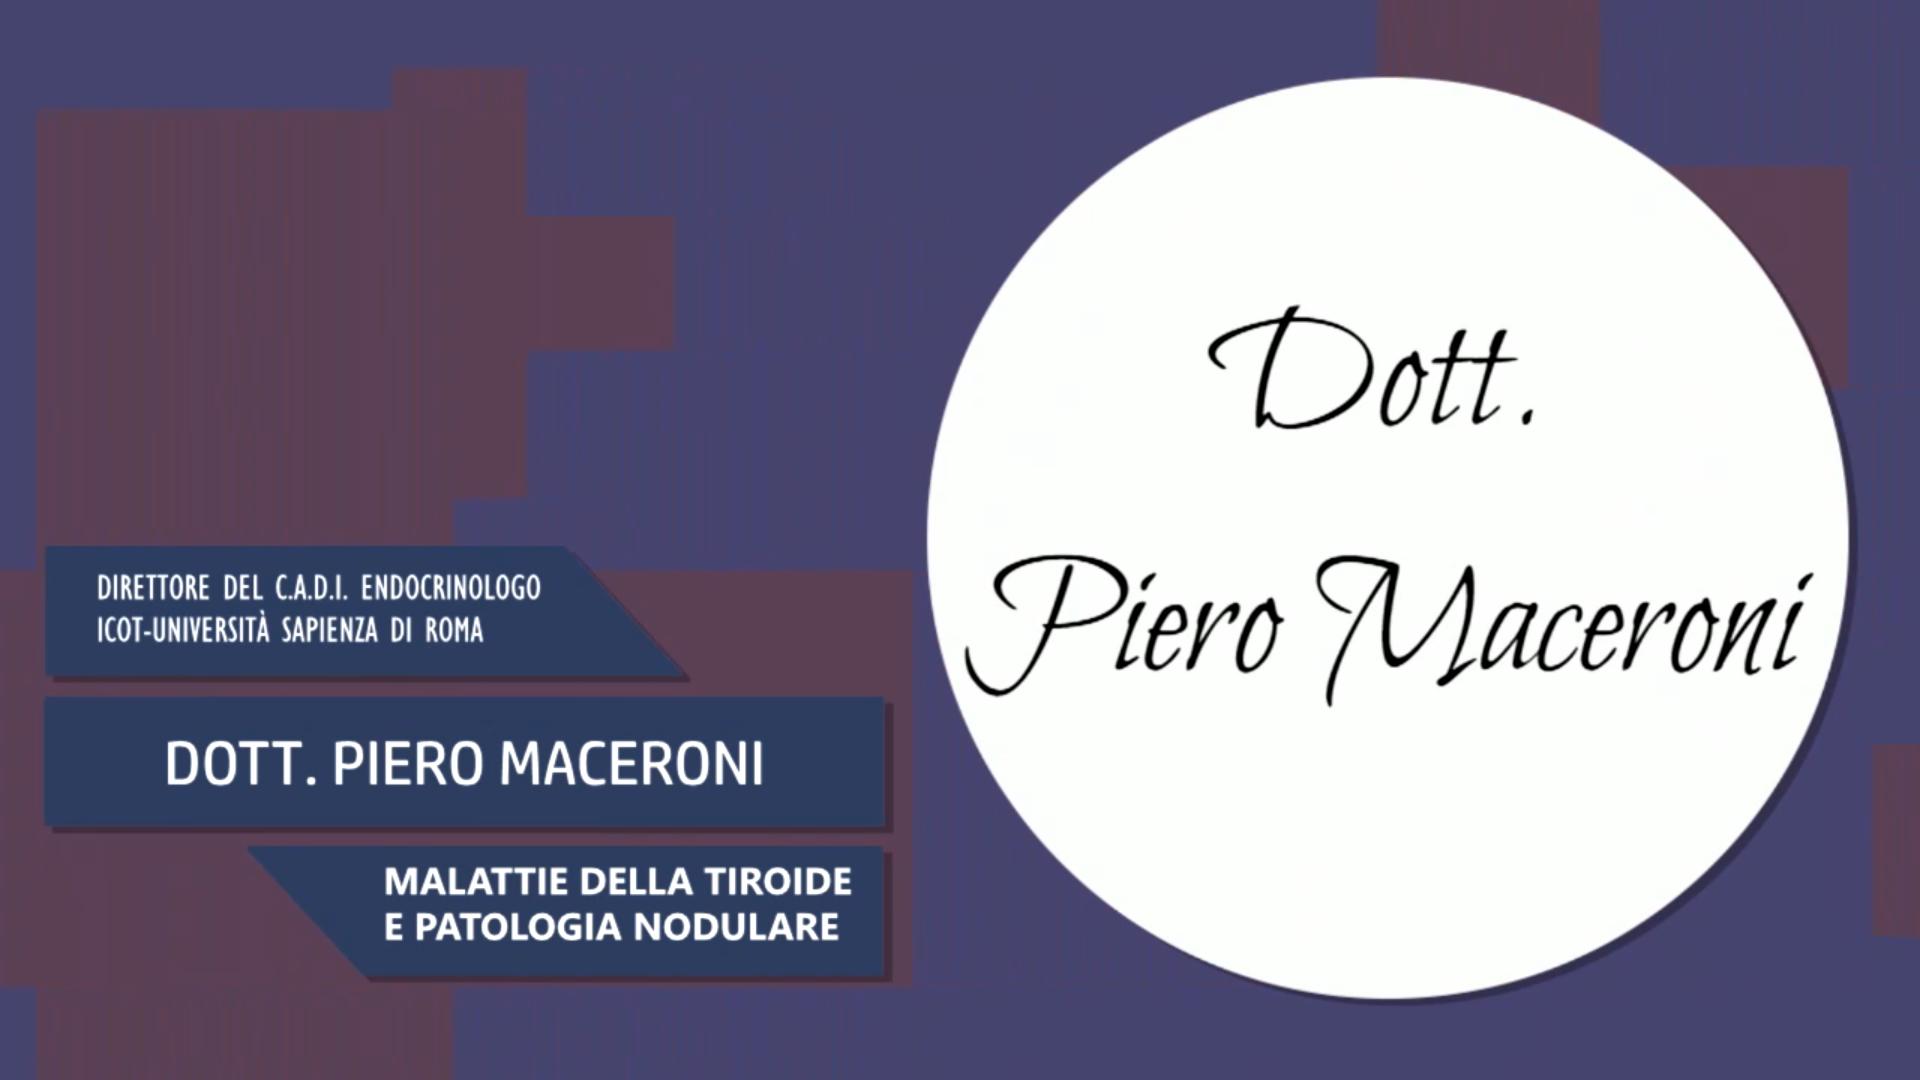 Intervista al Dott. Piero Maceroni – Malattie della tiroide e patologia nodulare